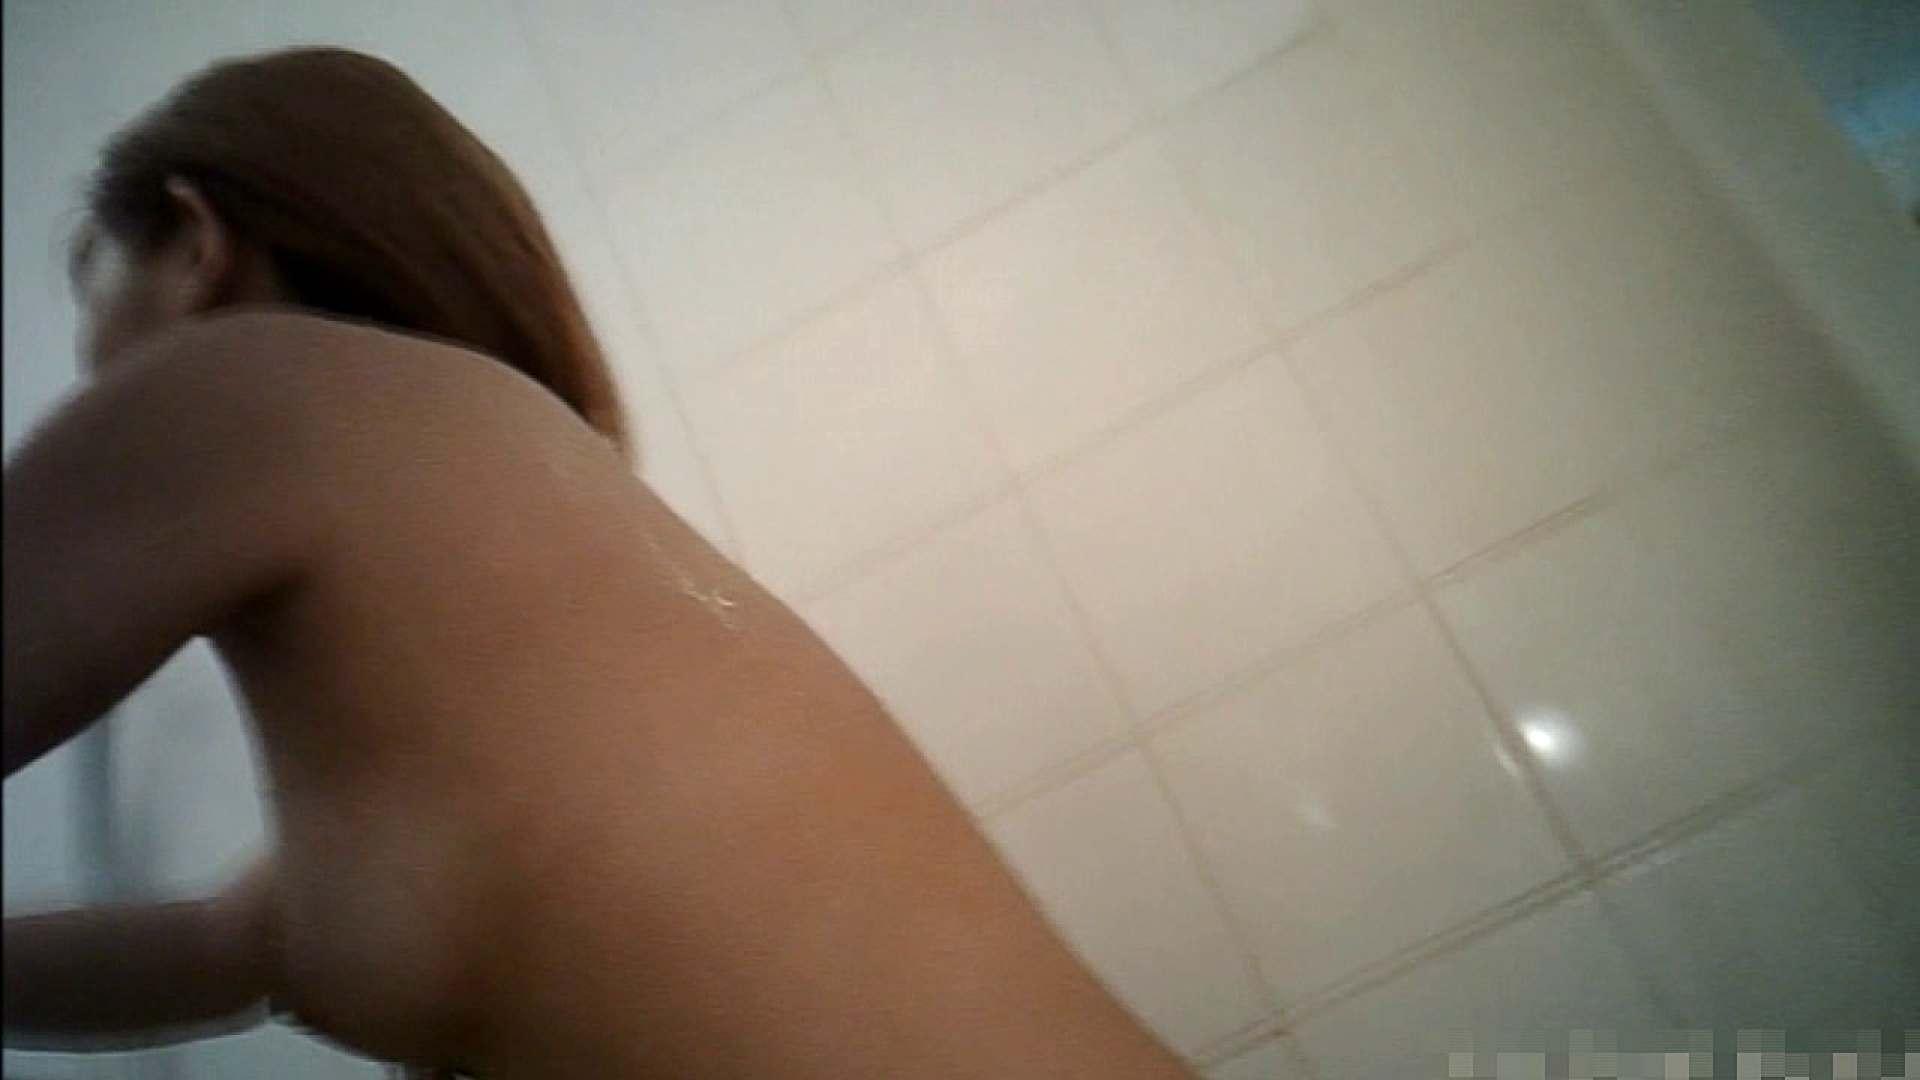 vol.7 【Mちゃん(入浴)】ブランド品査定士19歳 巨乳ギャル 巨乳  23Pix 14